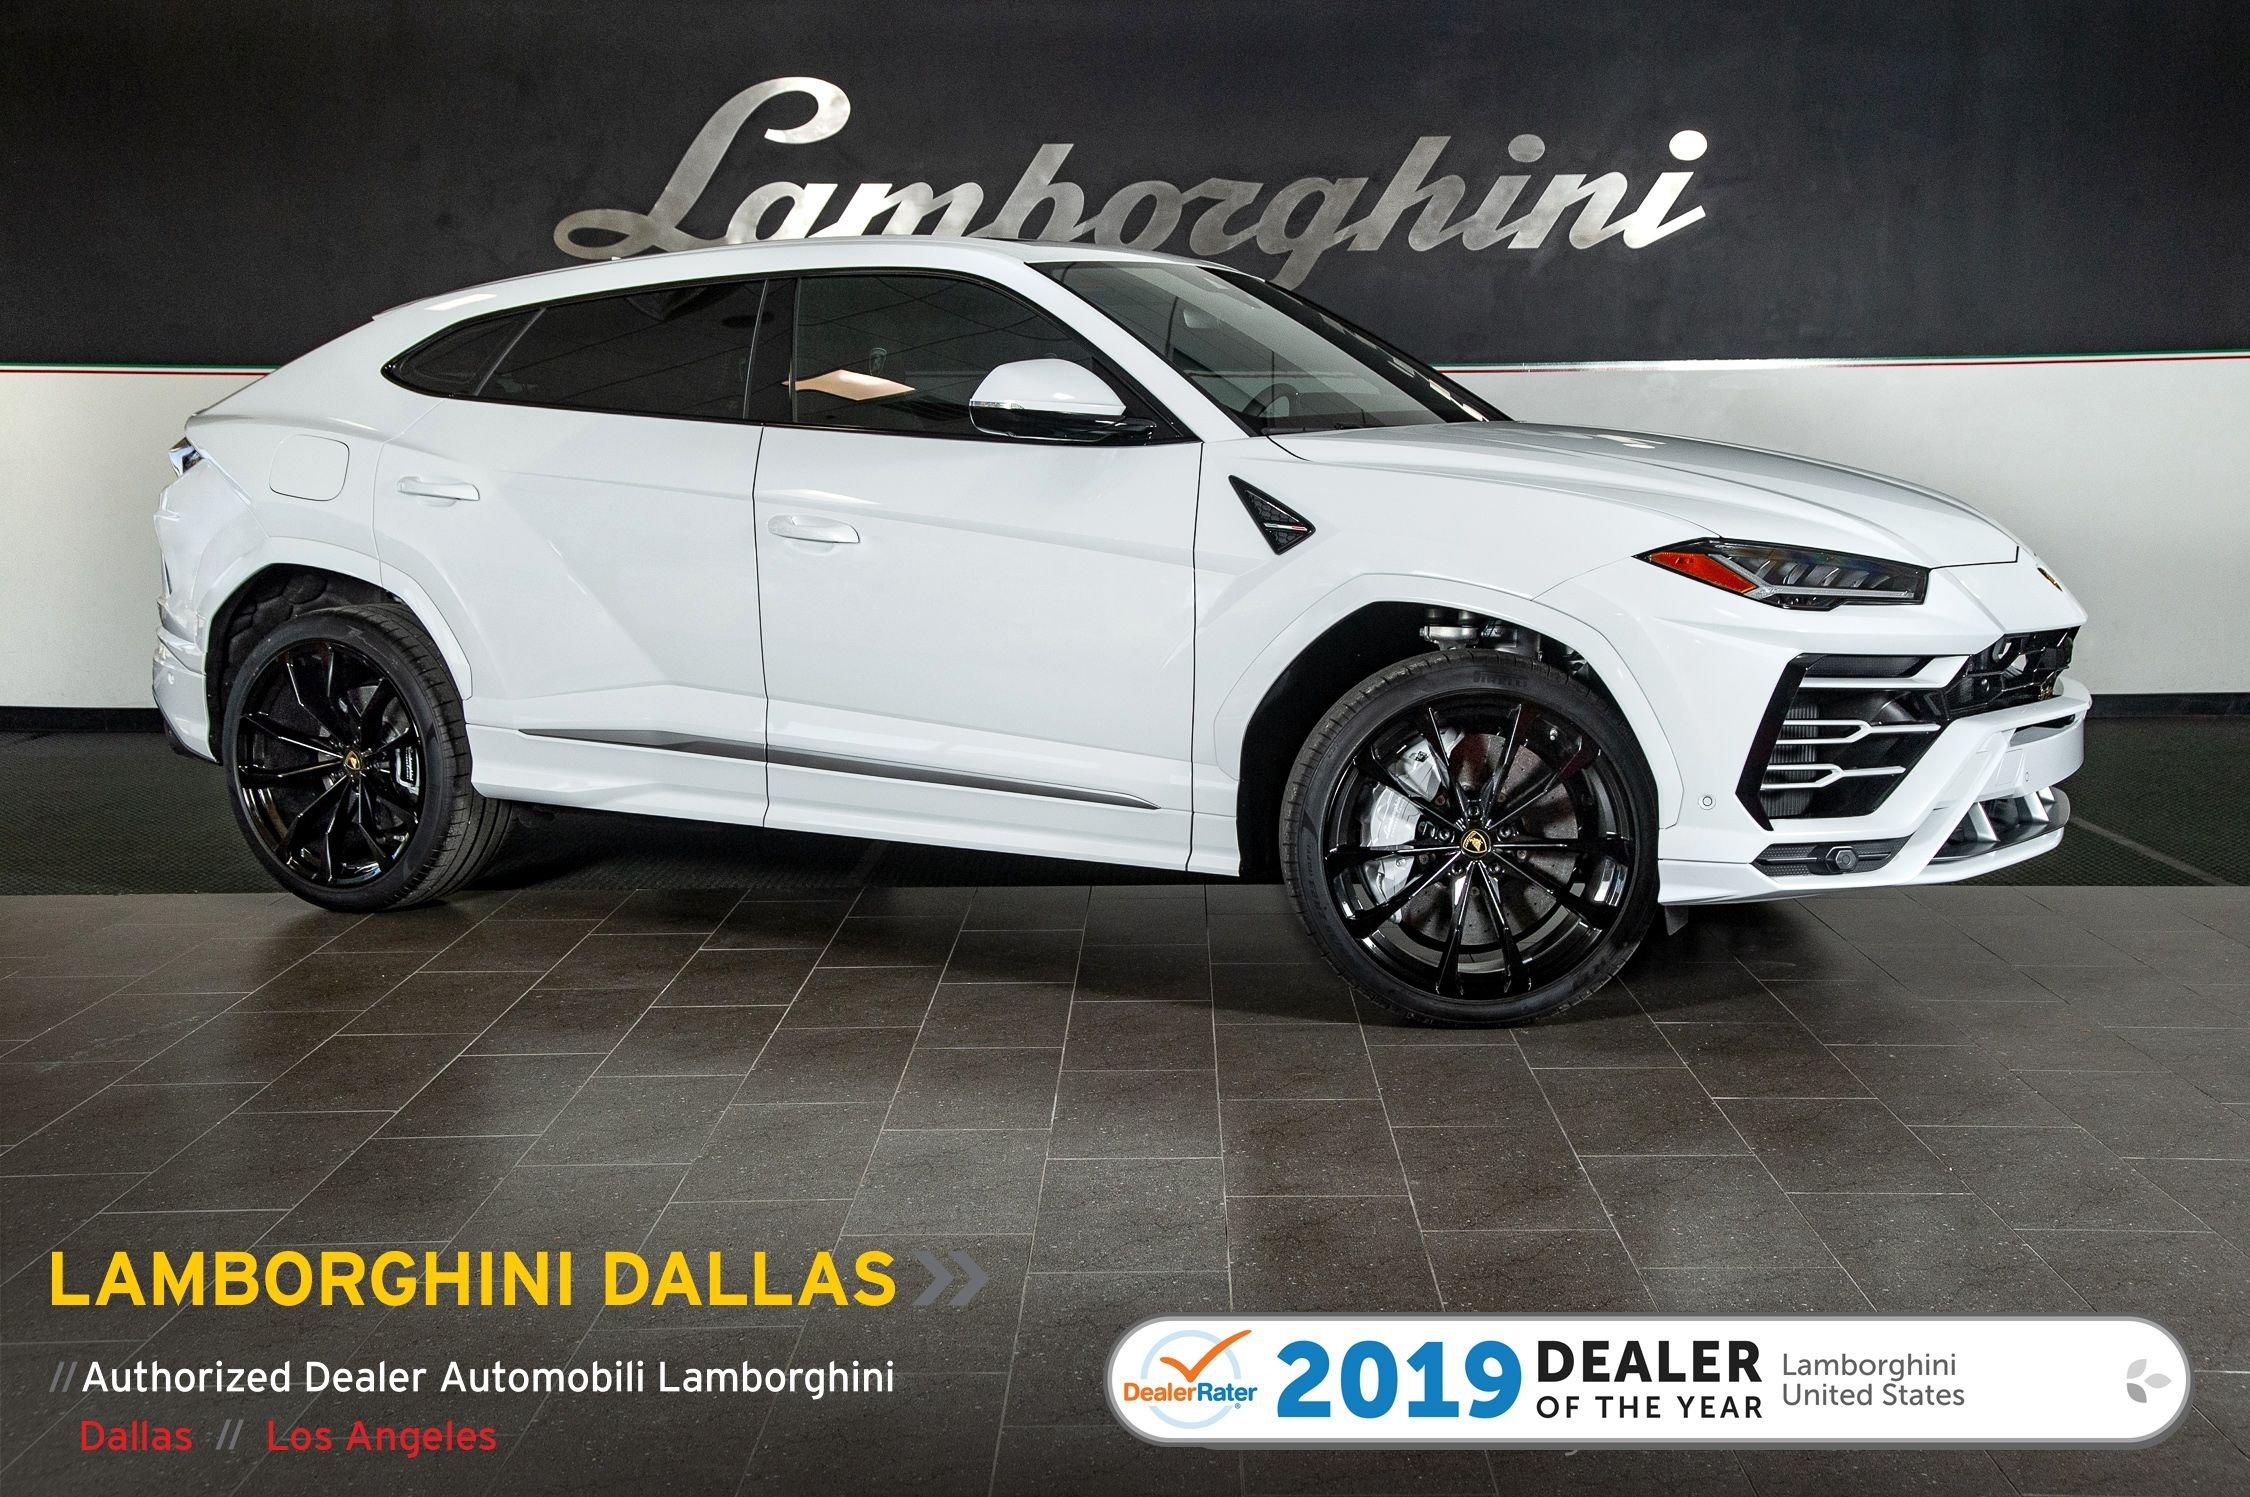 Used 2019 Lamborghini Urus For Sale Richardson Tx Stock 20l0248a Vin Zpbua1zlxkla06075